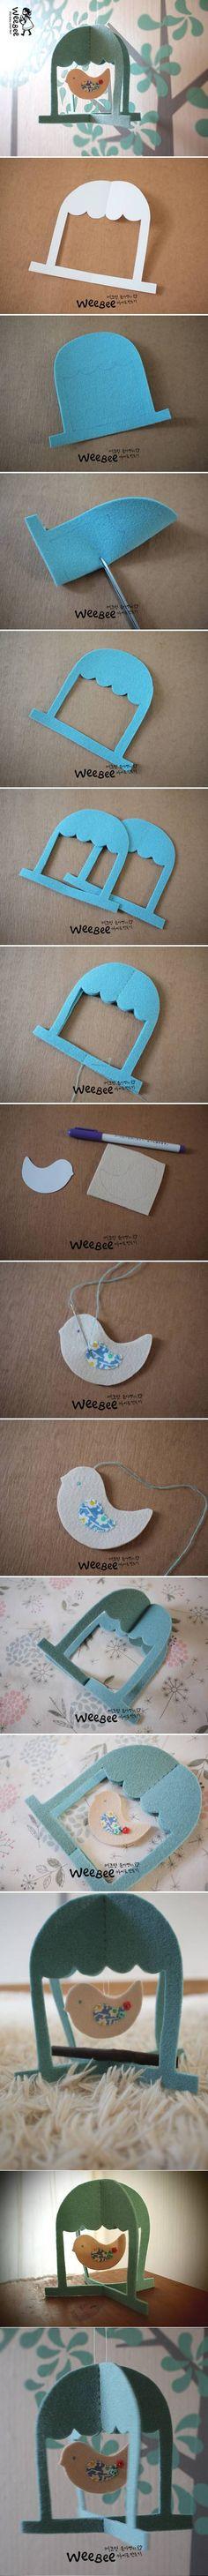 DIY Cute Felt Bird Mobile